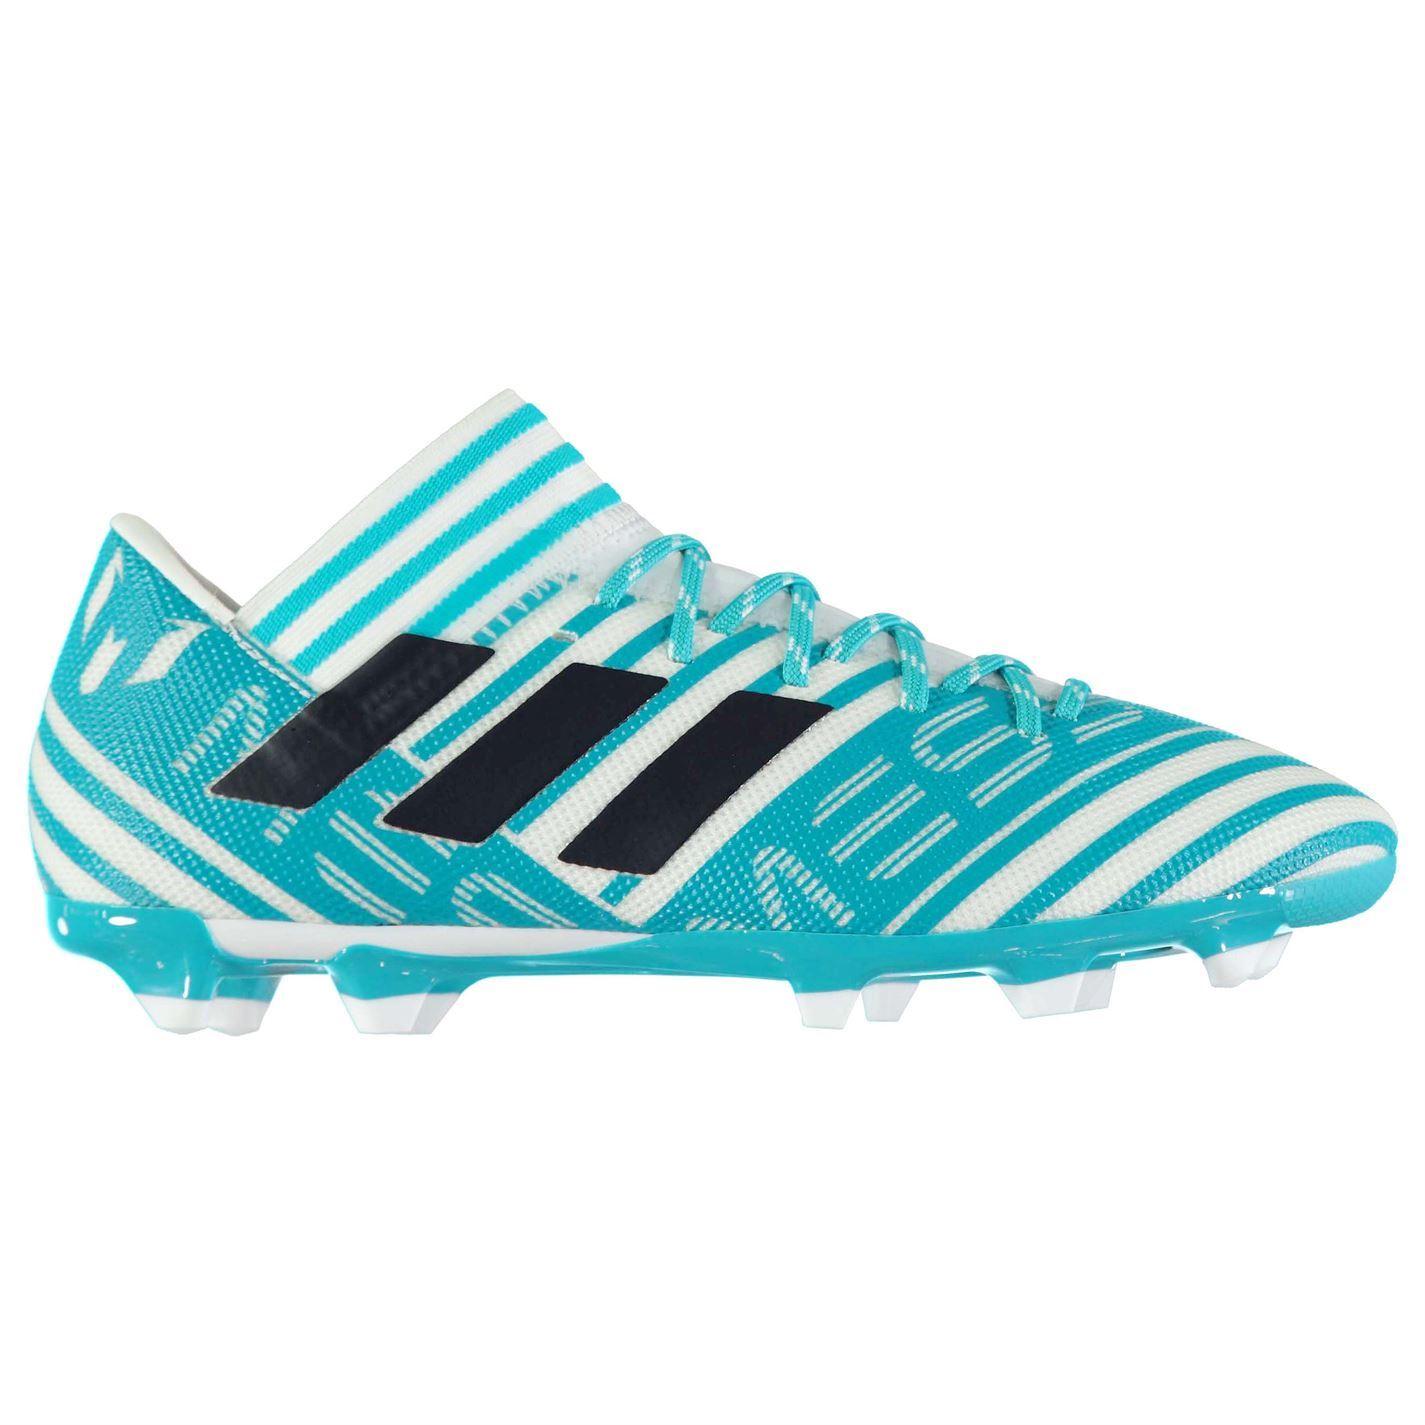 91235cb74319 ... adidas Nemeziz Messi 17.3 Firm Ground Football Boots Mens Blue Soccer  Cleats ...